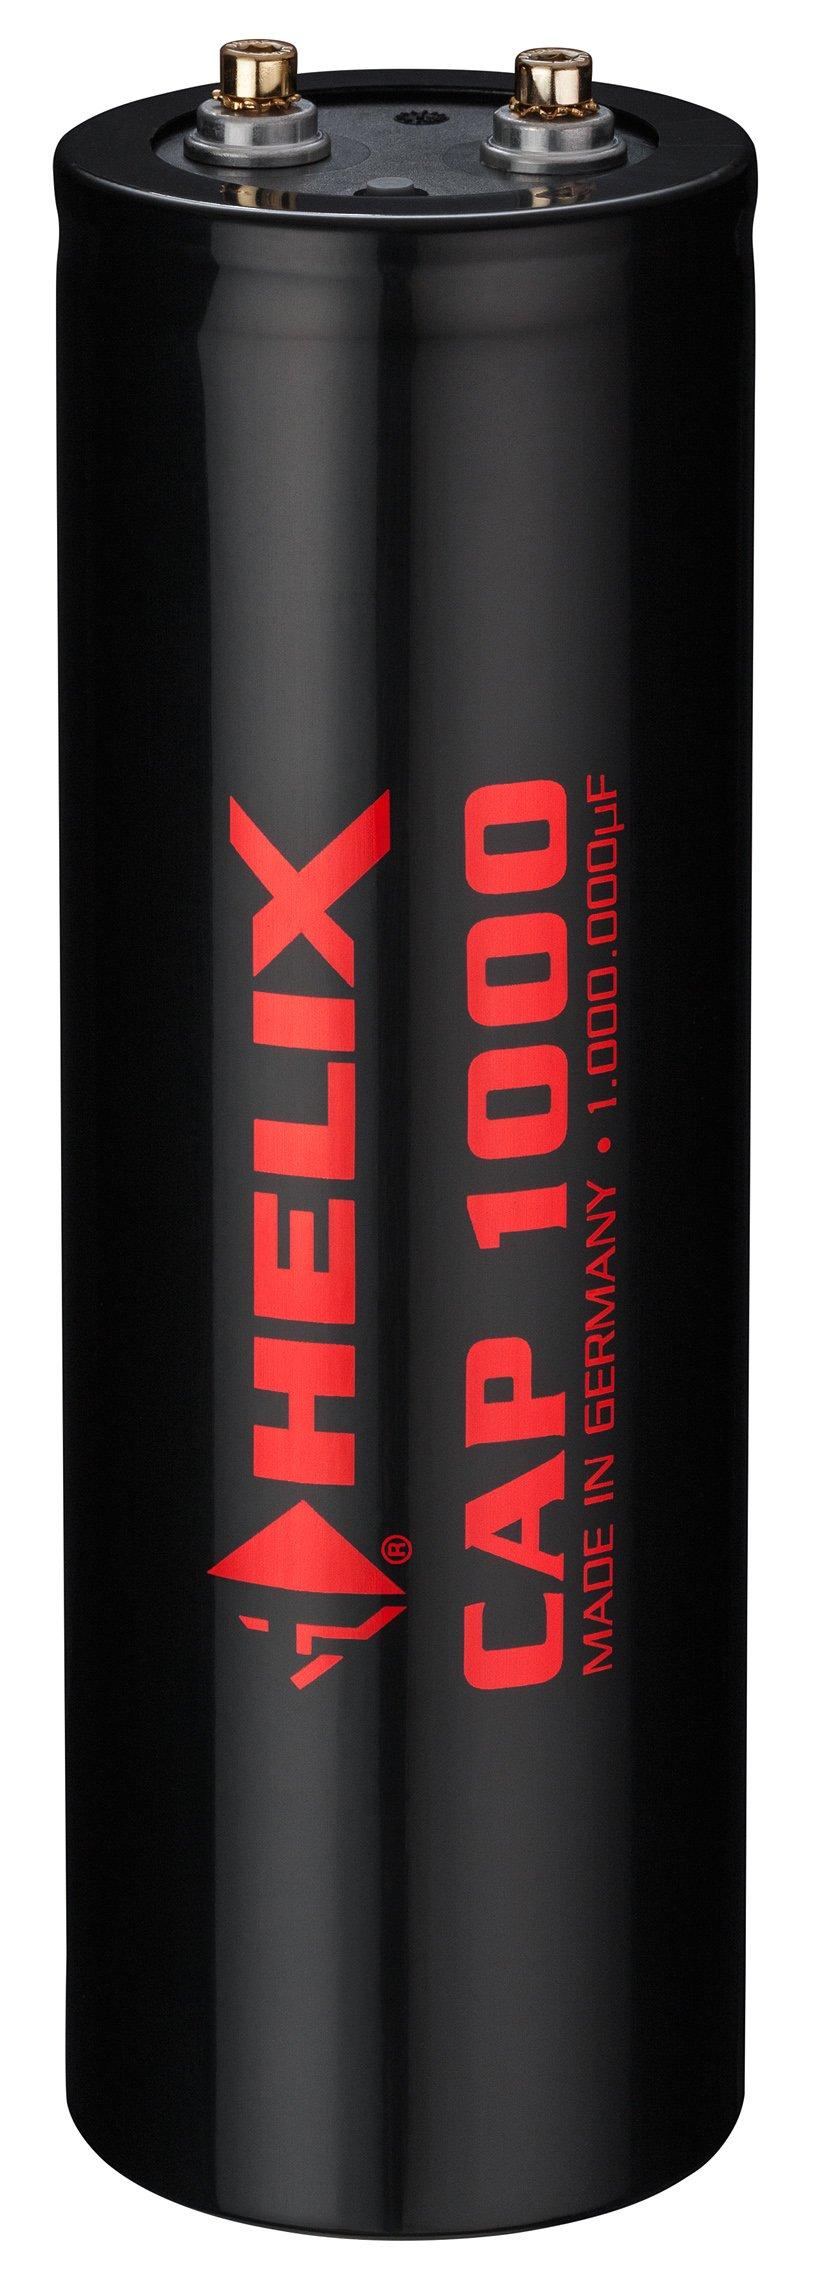 Helix Cap 1000